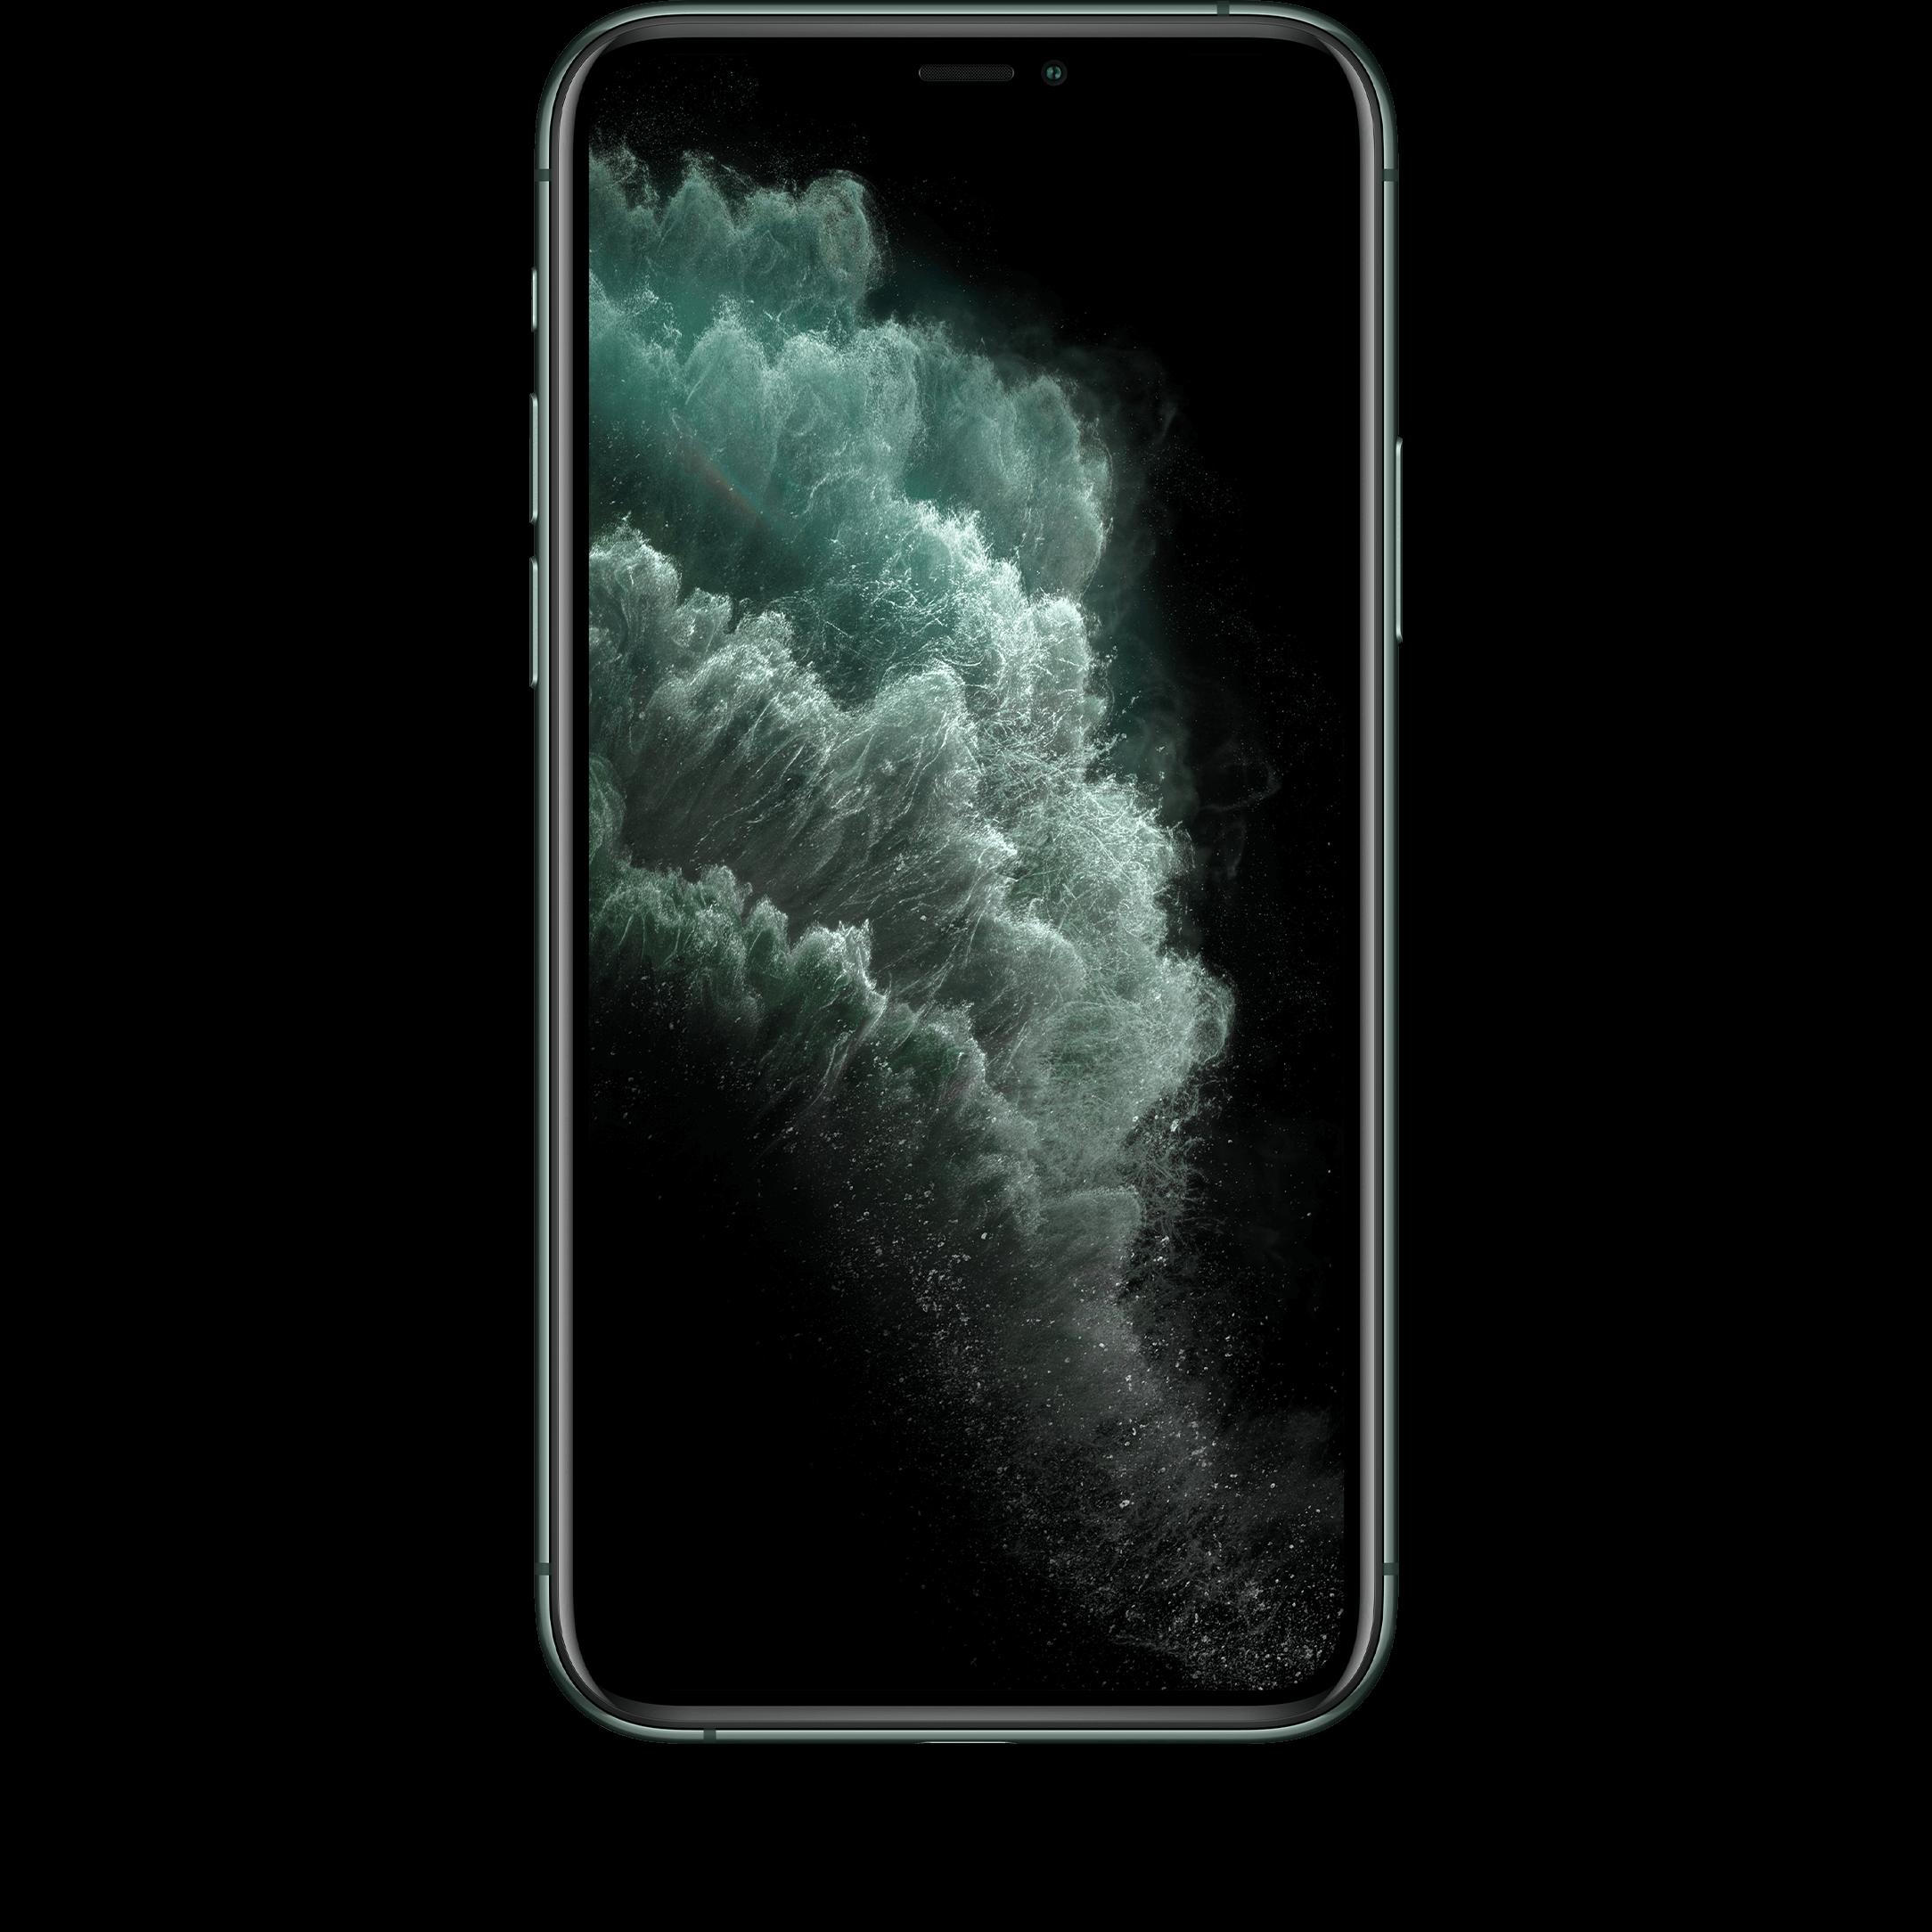 Günstig Kaufen beim Preisvergleich-Apple iPhone 11 Pro 256 GB nachtgrün mit Allnet Flat Plus Flex